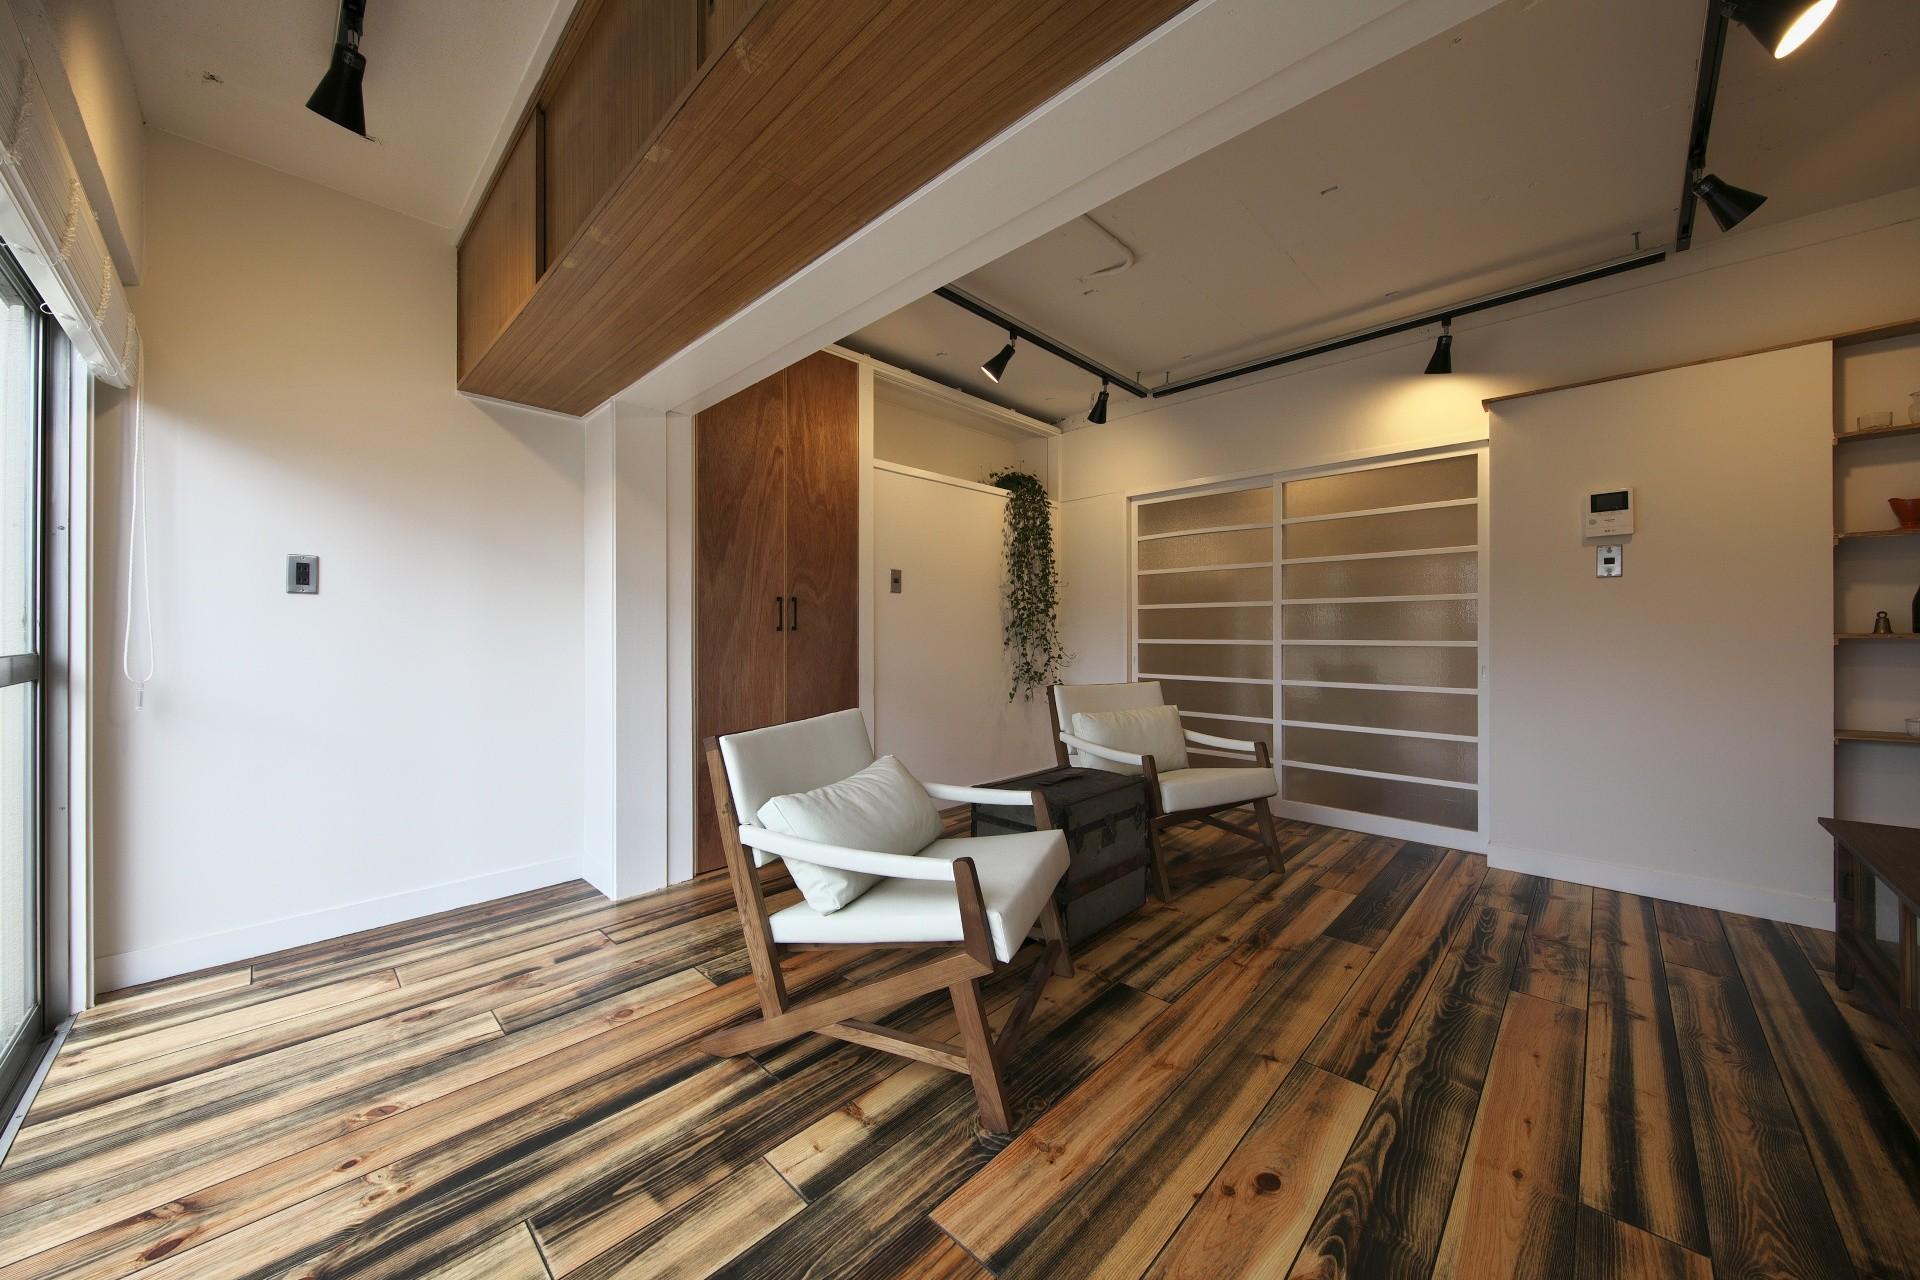 リビングダイニング事例:白い壁に木色が映えるリビング(古い建物ならではの味わいを生かしながら、現代の暮らしに合わせたレトロモダンな空間へ)